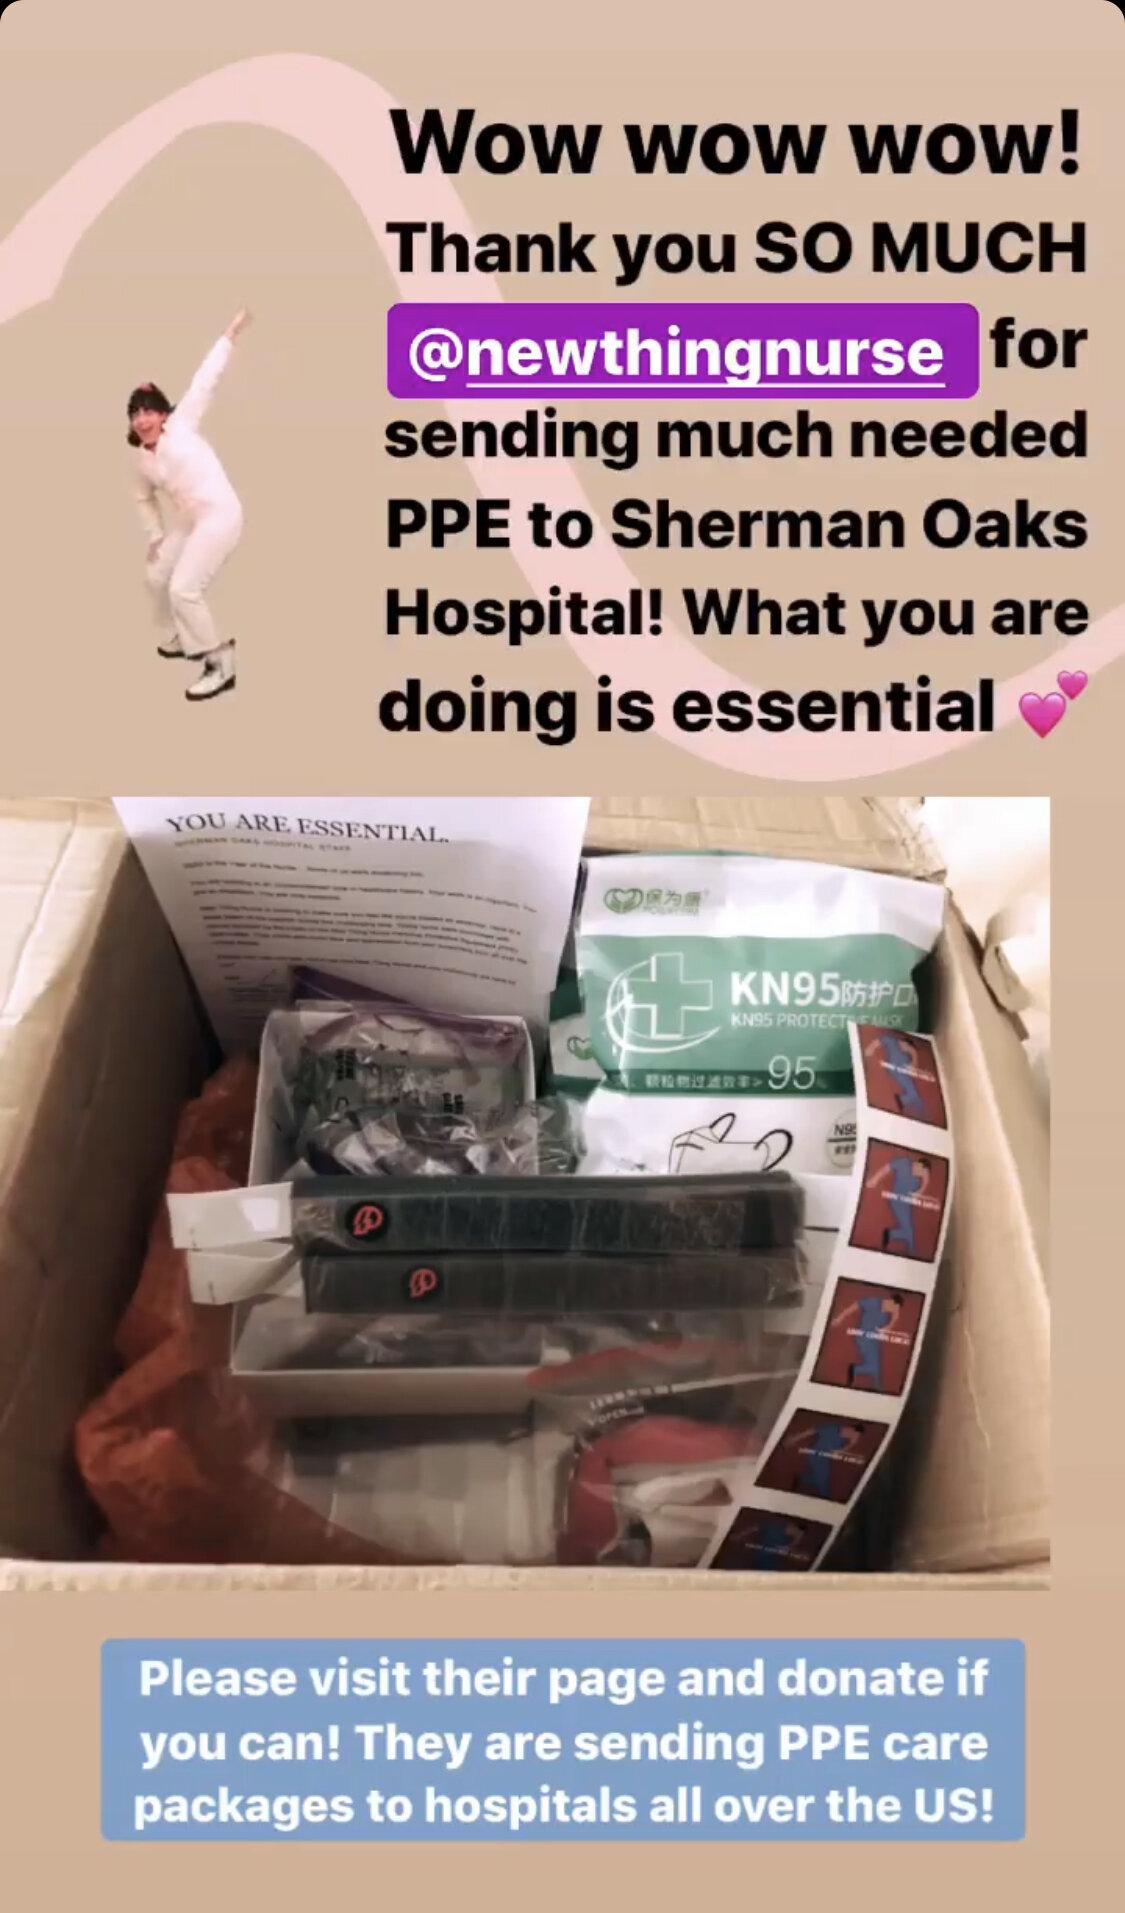 2020年5月2日:另一个新事物护士新万博官方appPPE护理包登陆南加州!点击图片阅读更多!